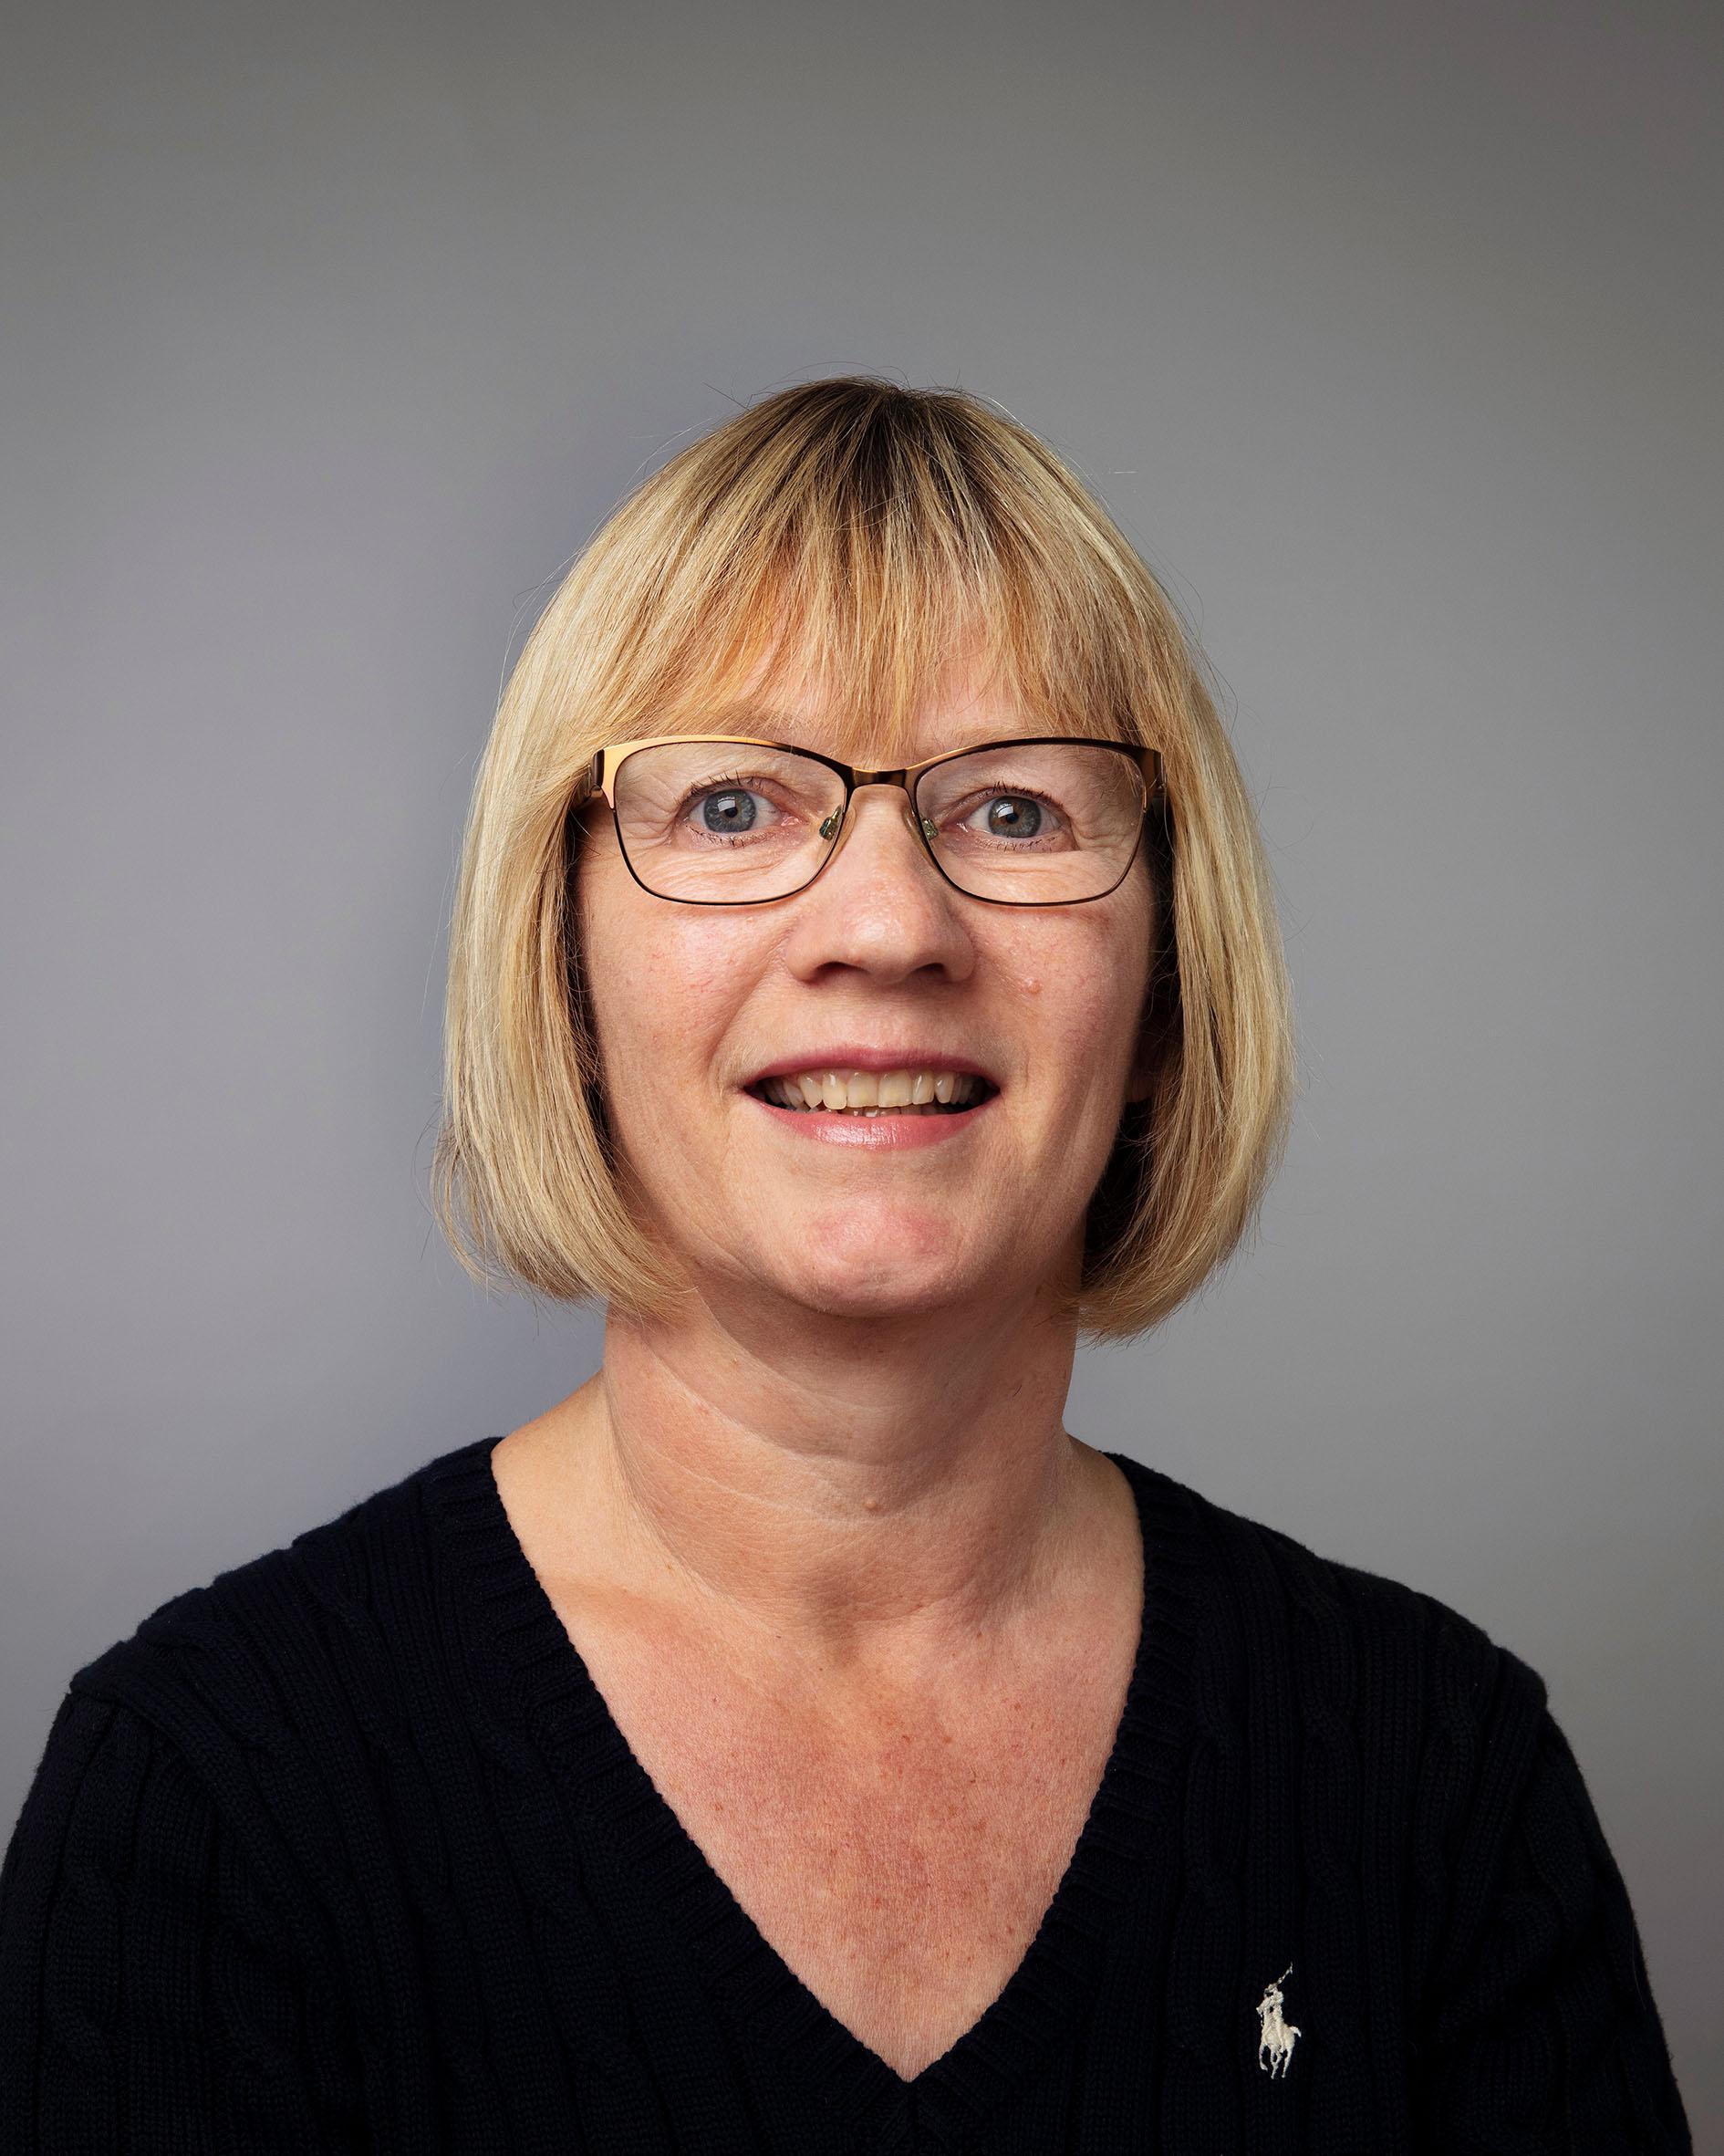 Marianne Dammand Iversen